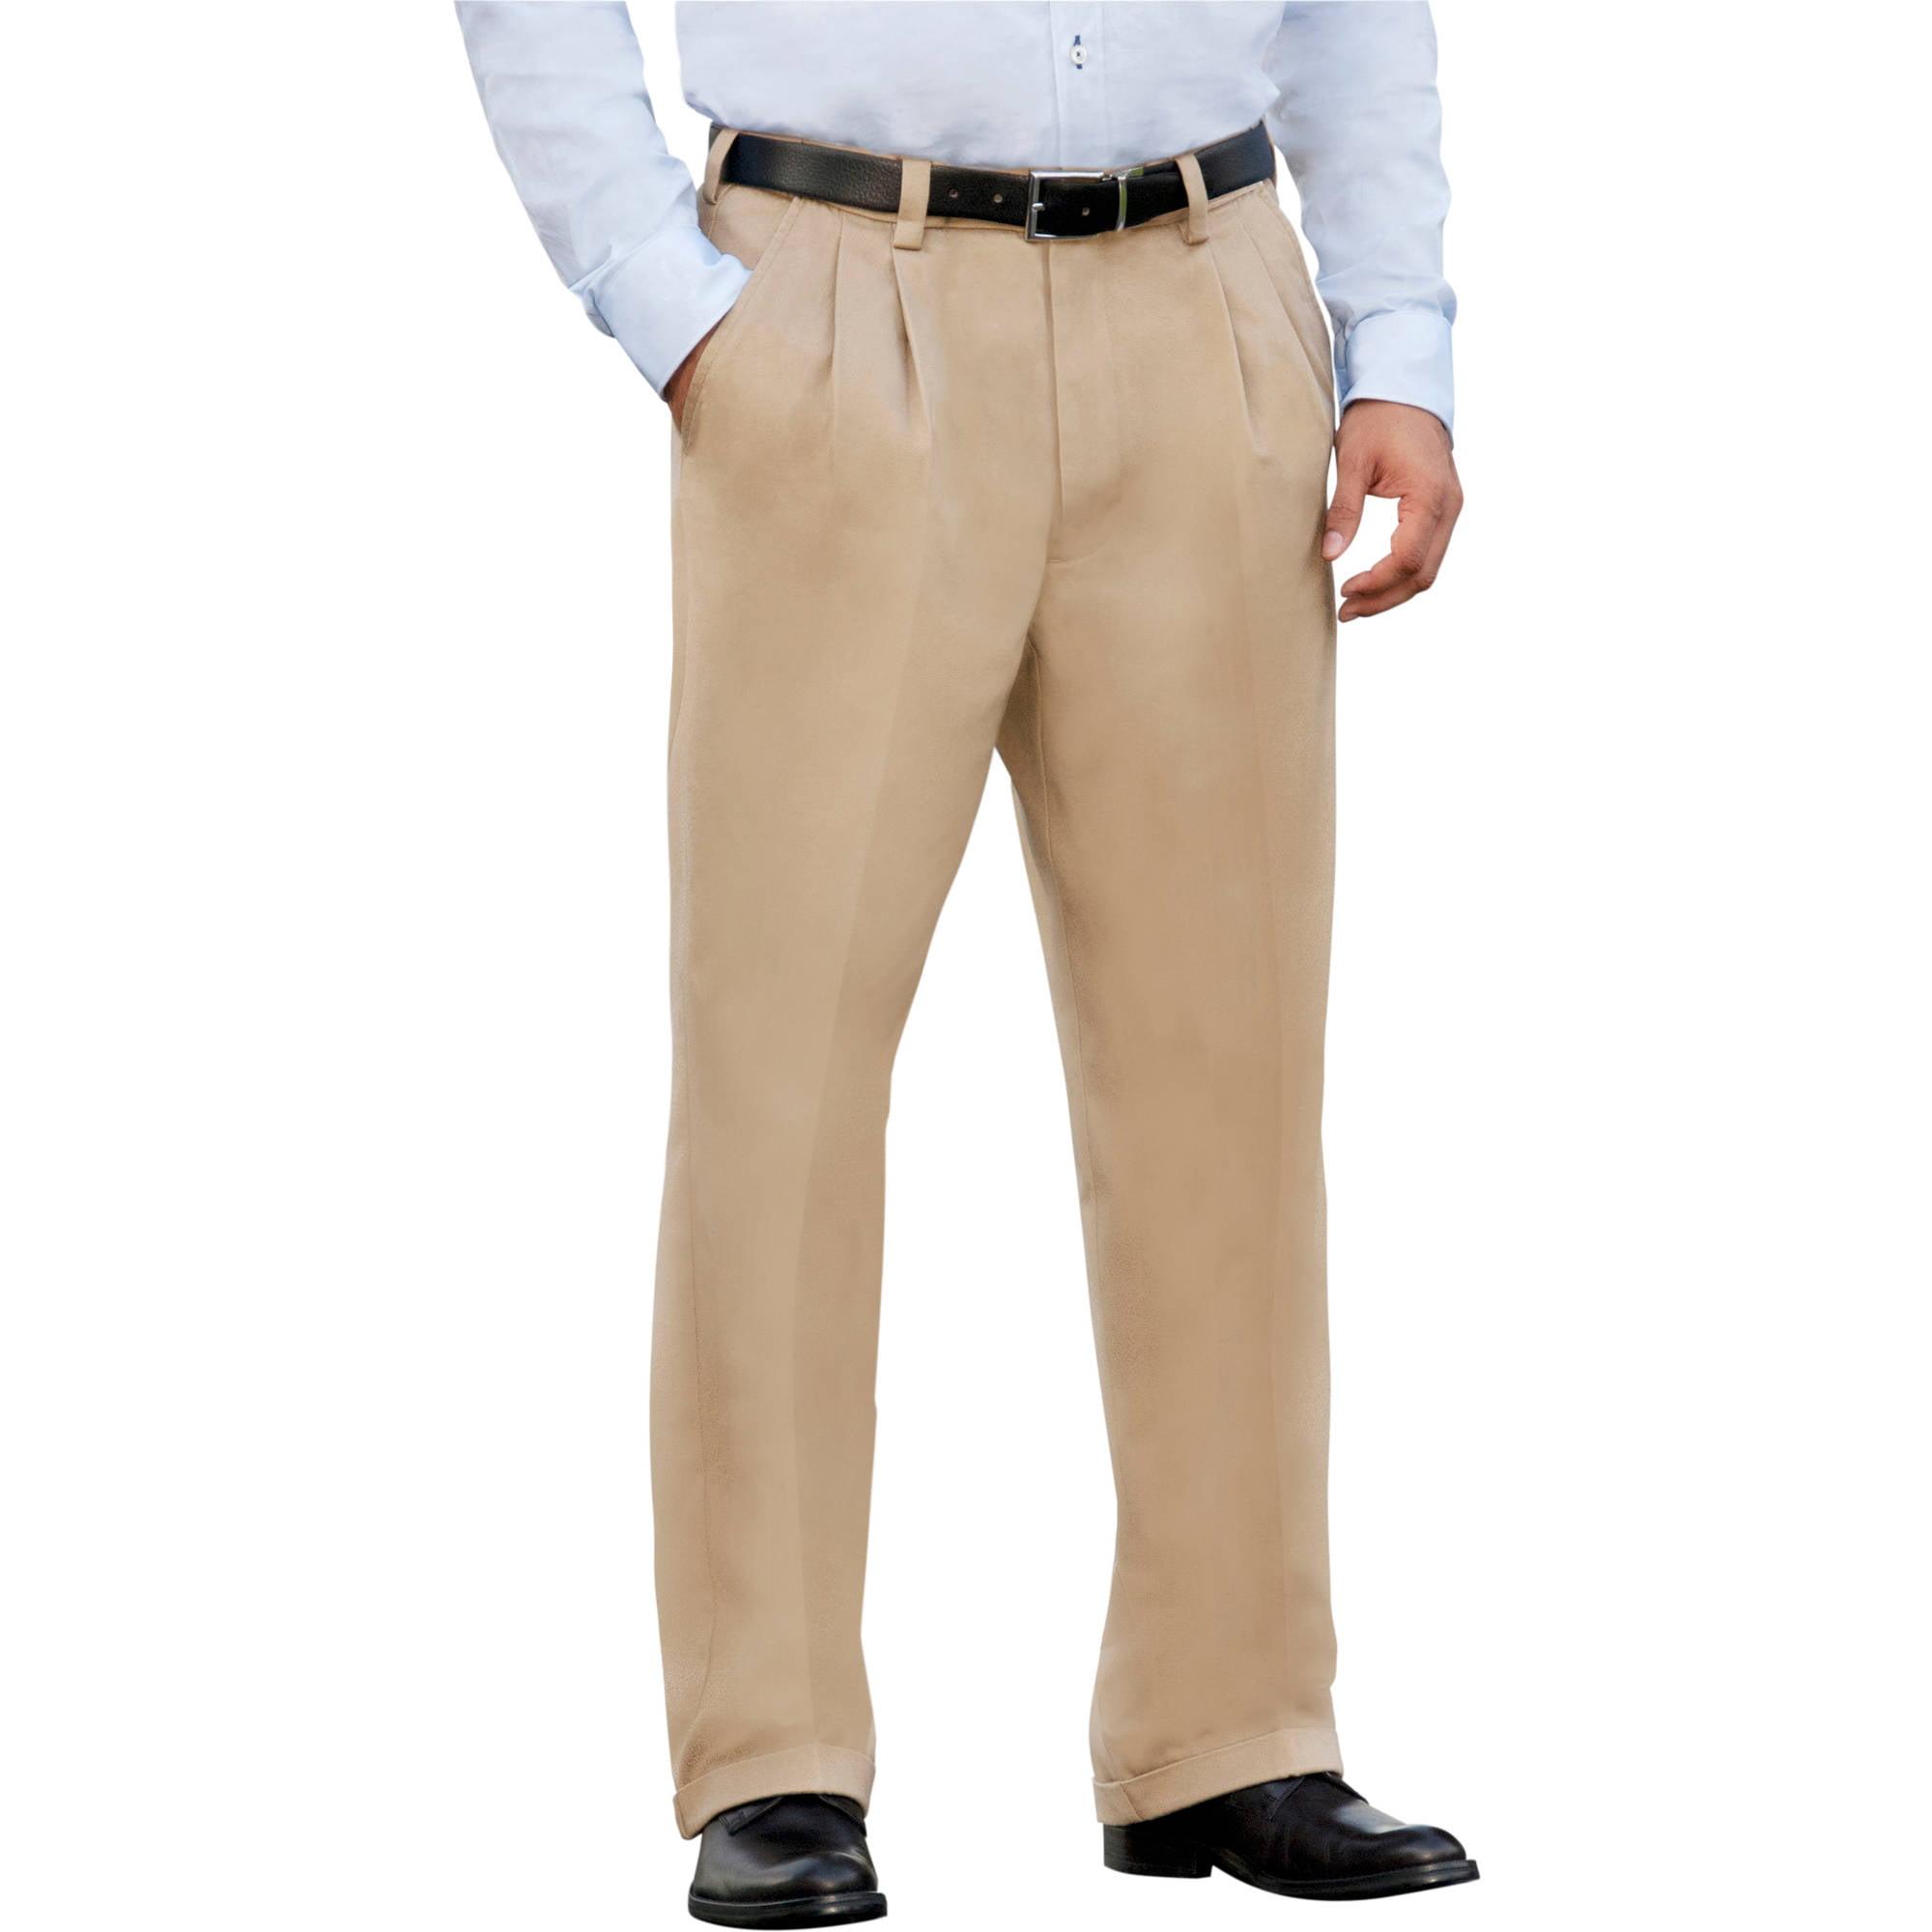 George Men's Premium Pleat Front Khaki Pants